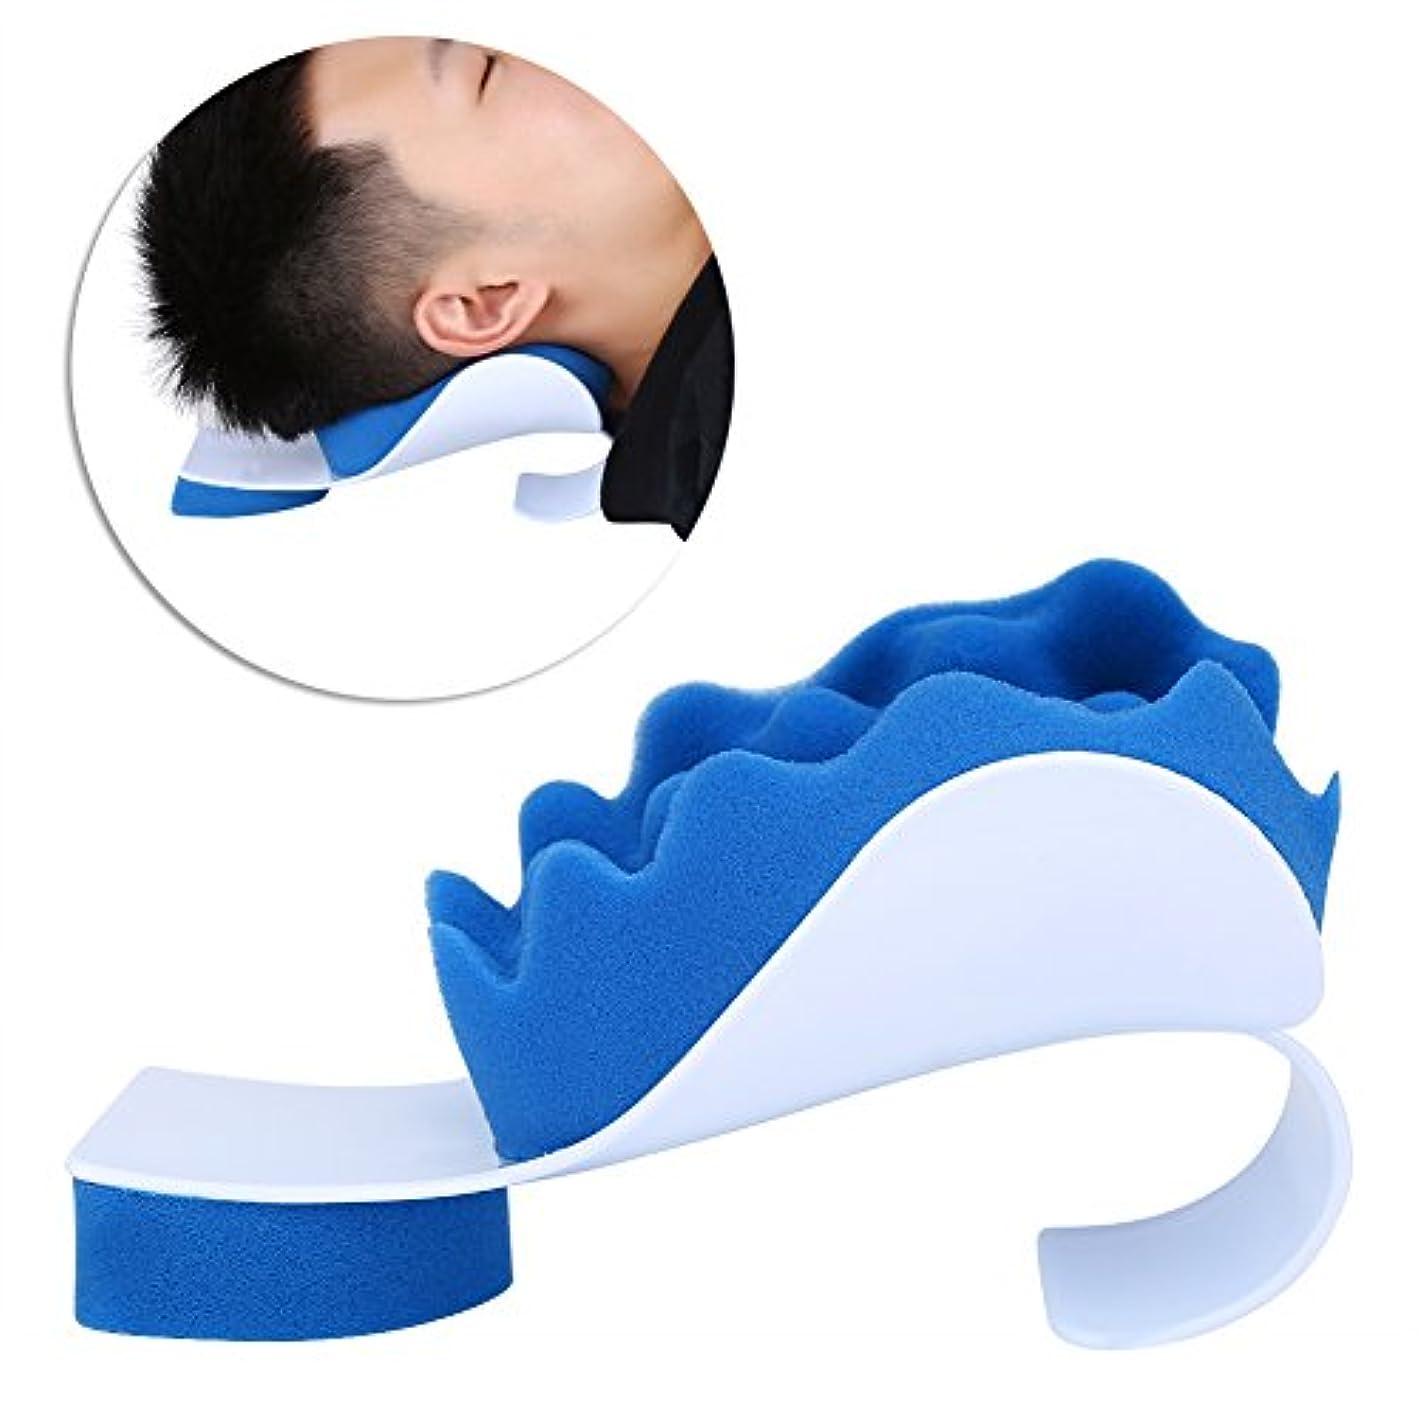 大脳シンク成功した肩首リラックスピロー、最高の肩こりと肩の痛みを緩和する緩和サポートデバイス